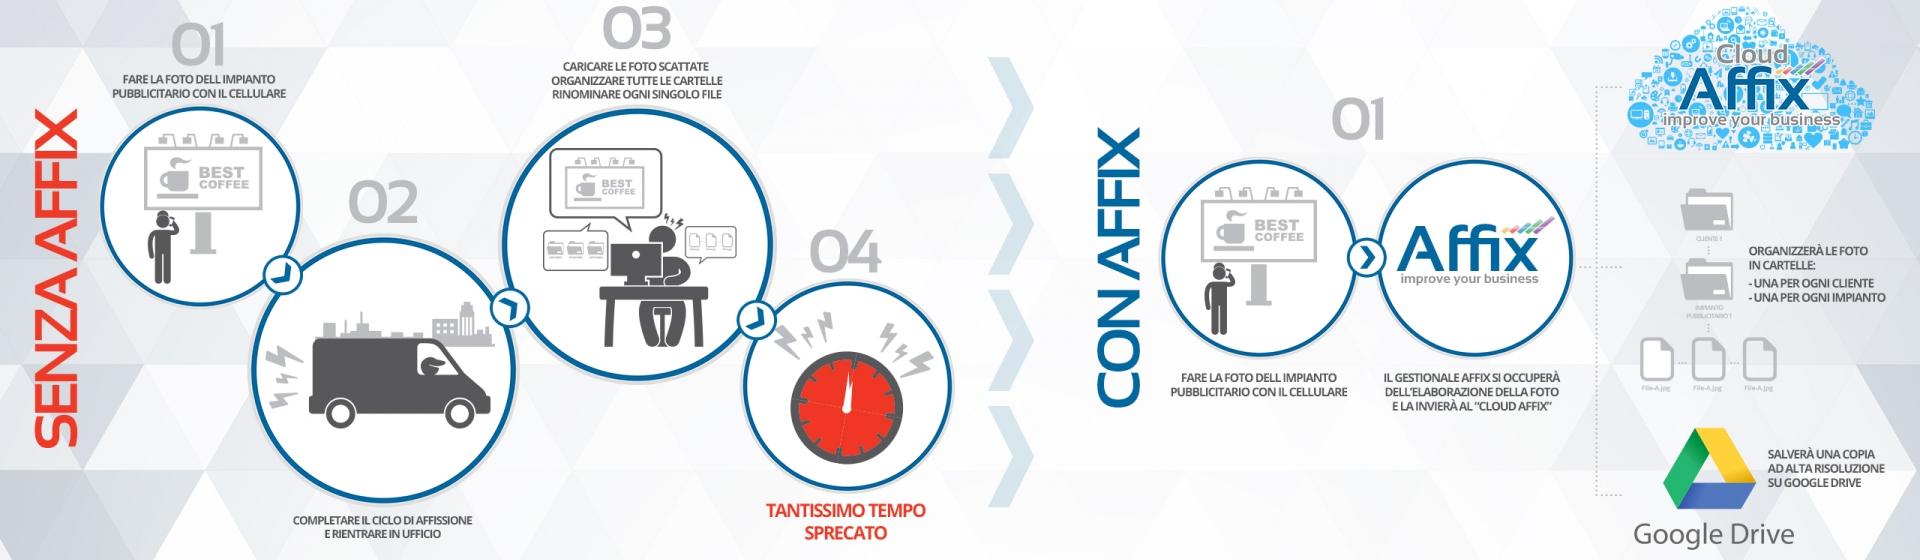 slide-infografica